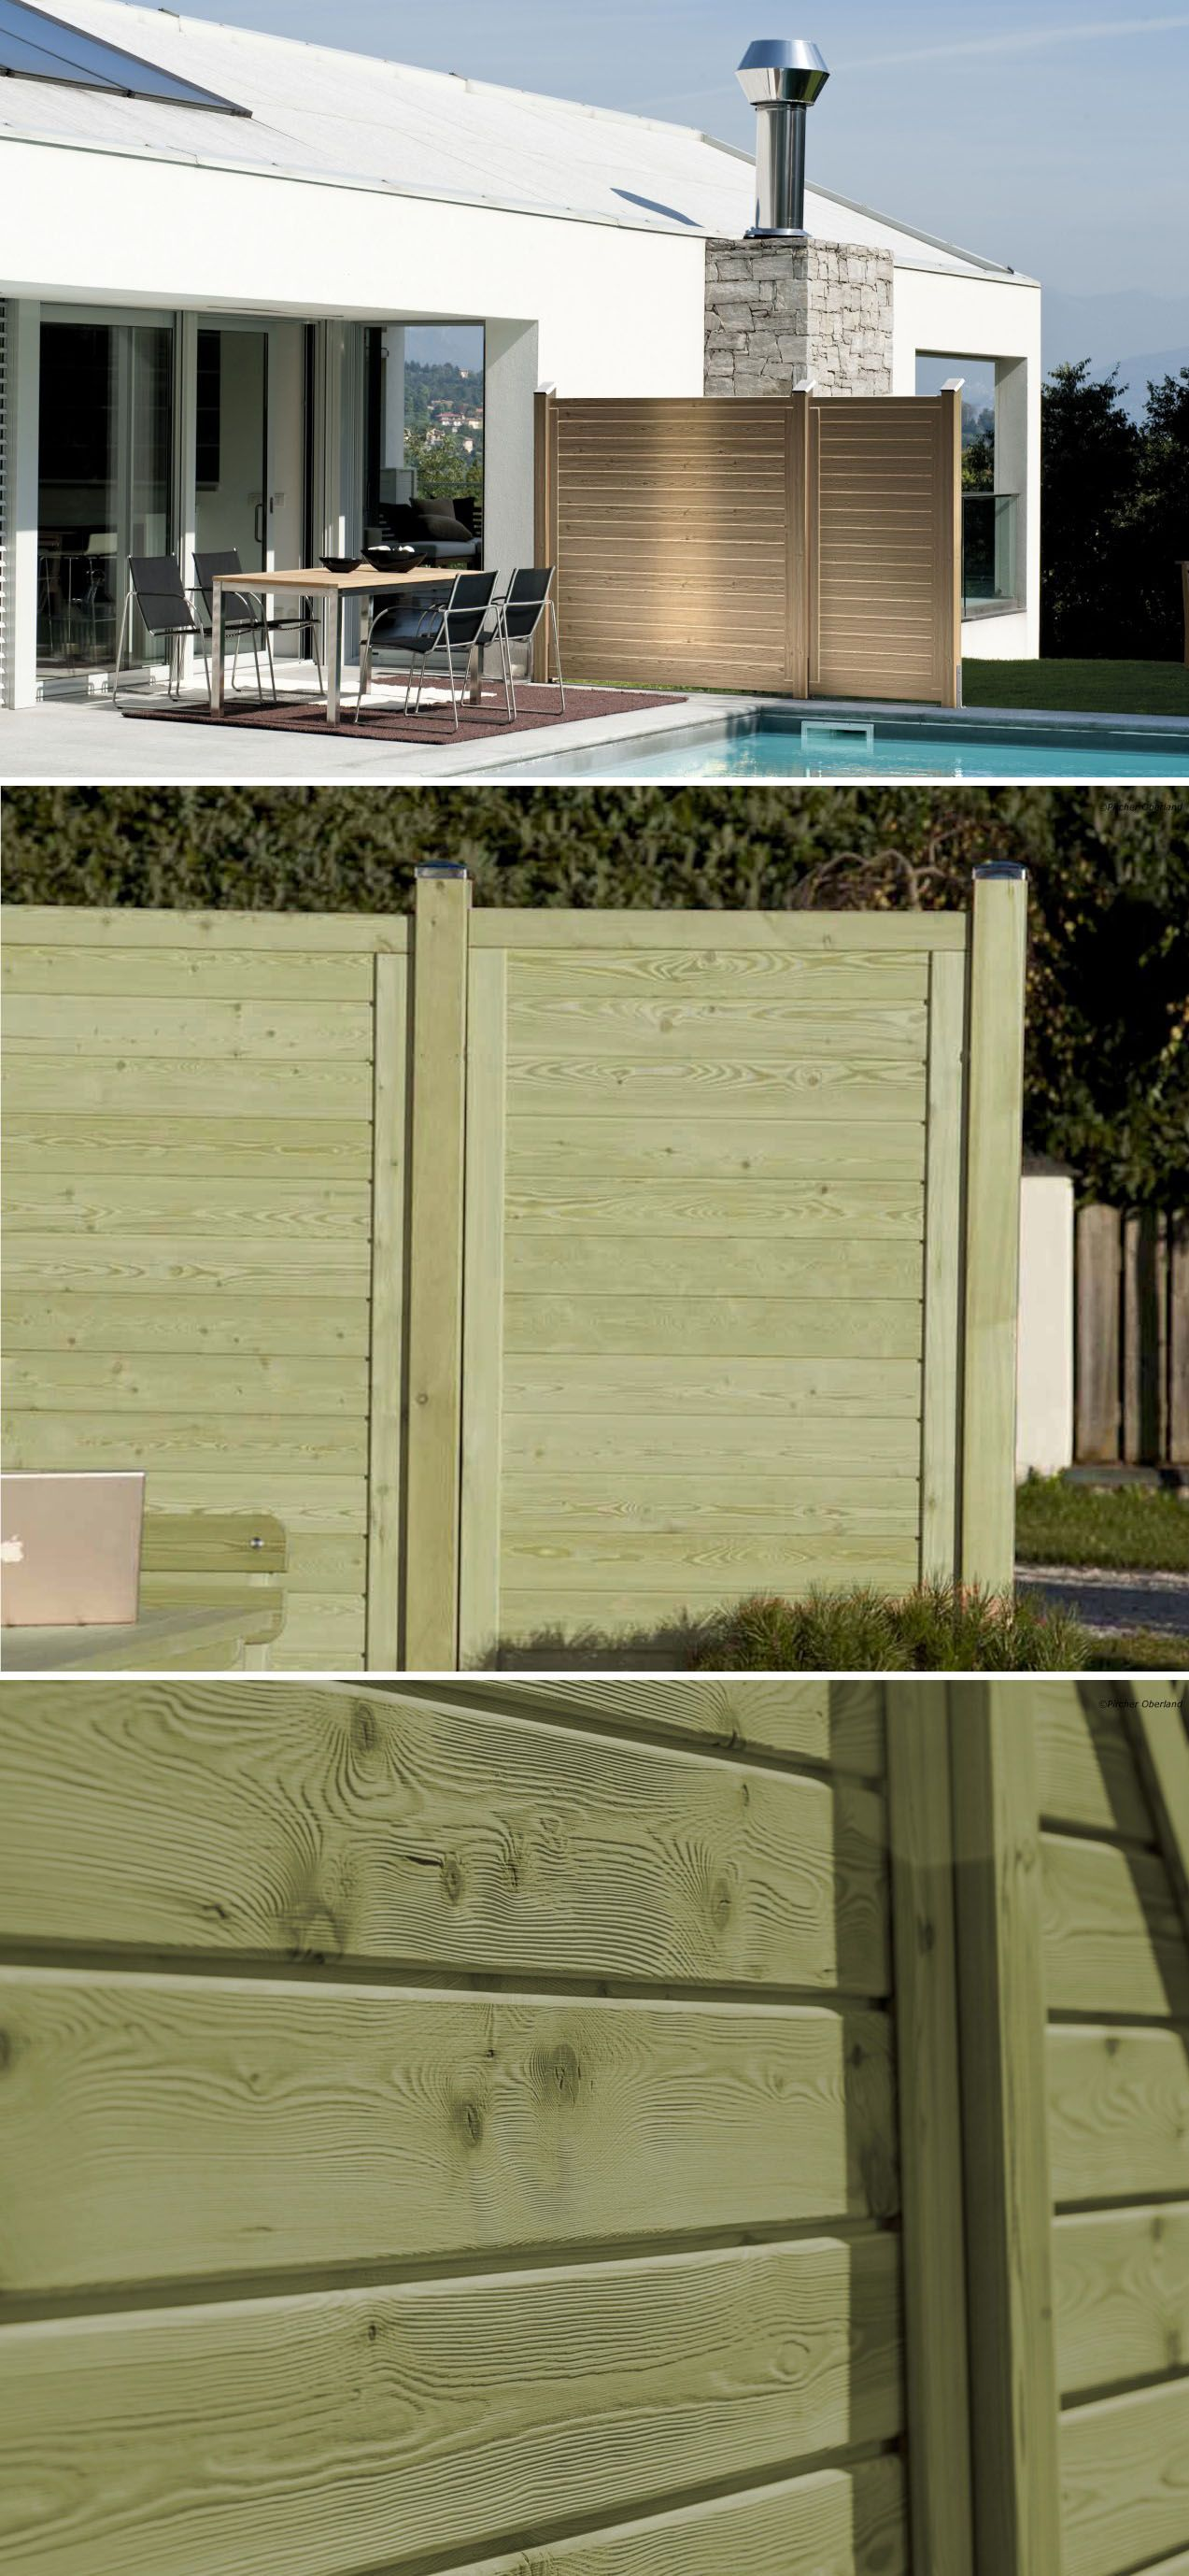 Porte Da Interno Colorate frangivento garbino di pircher, in legno di larice, abete o